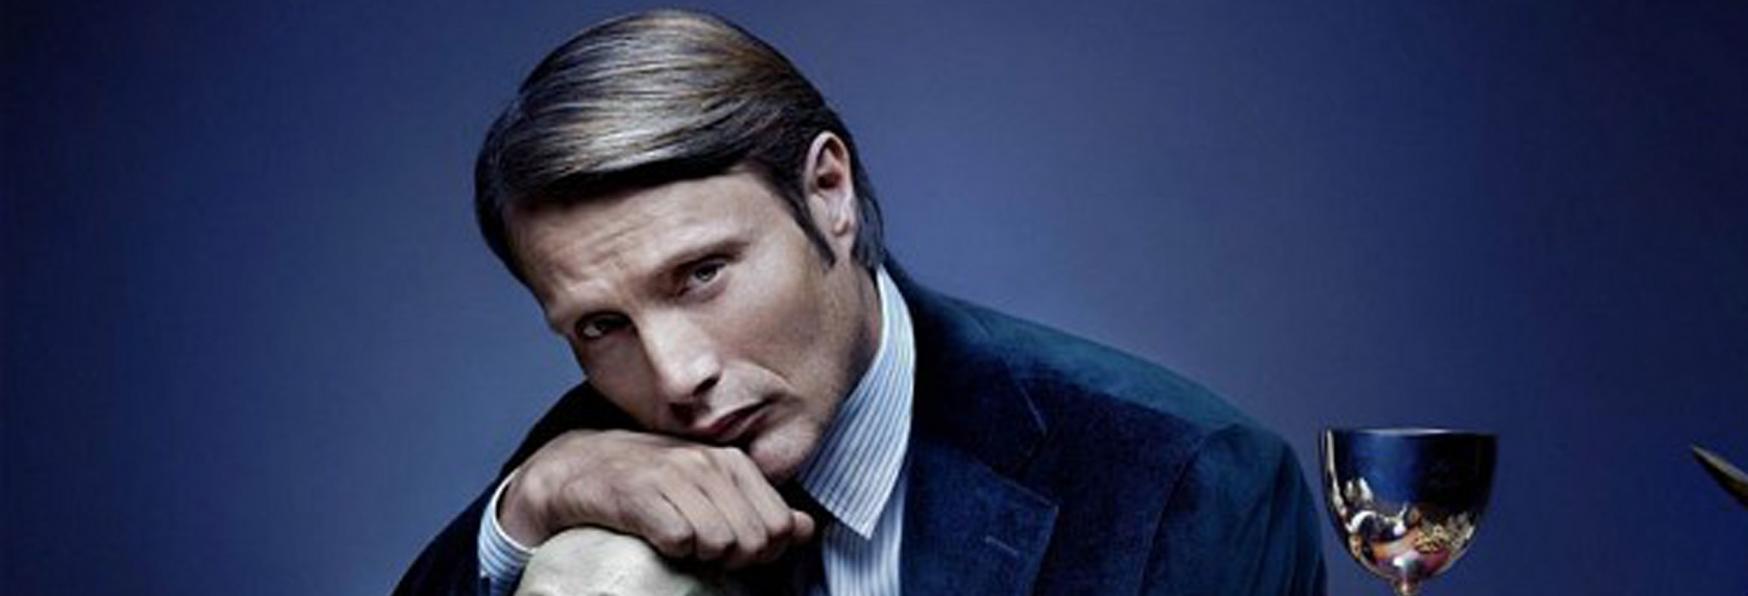 Hannibal: in Trend sui Social #HannibalDeservesMore, la Campagna per il Revival Continua